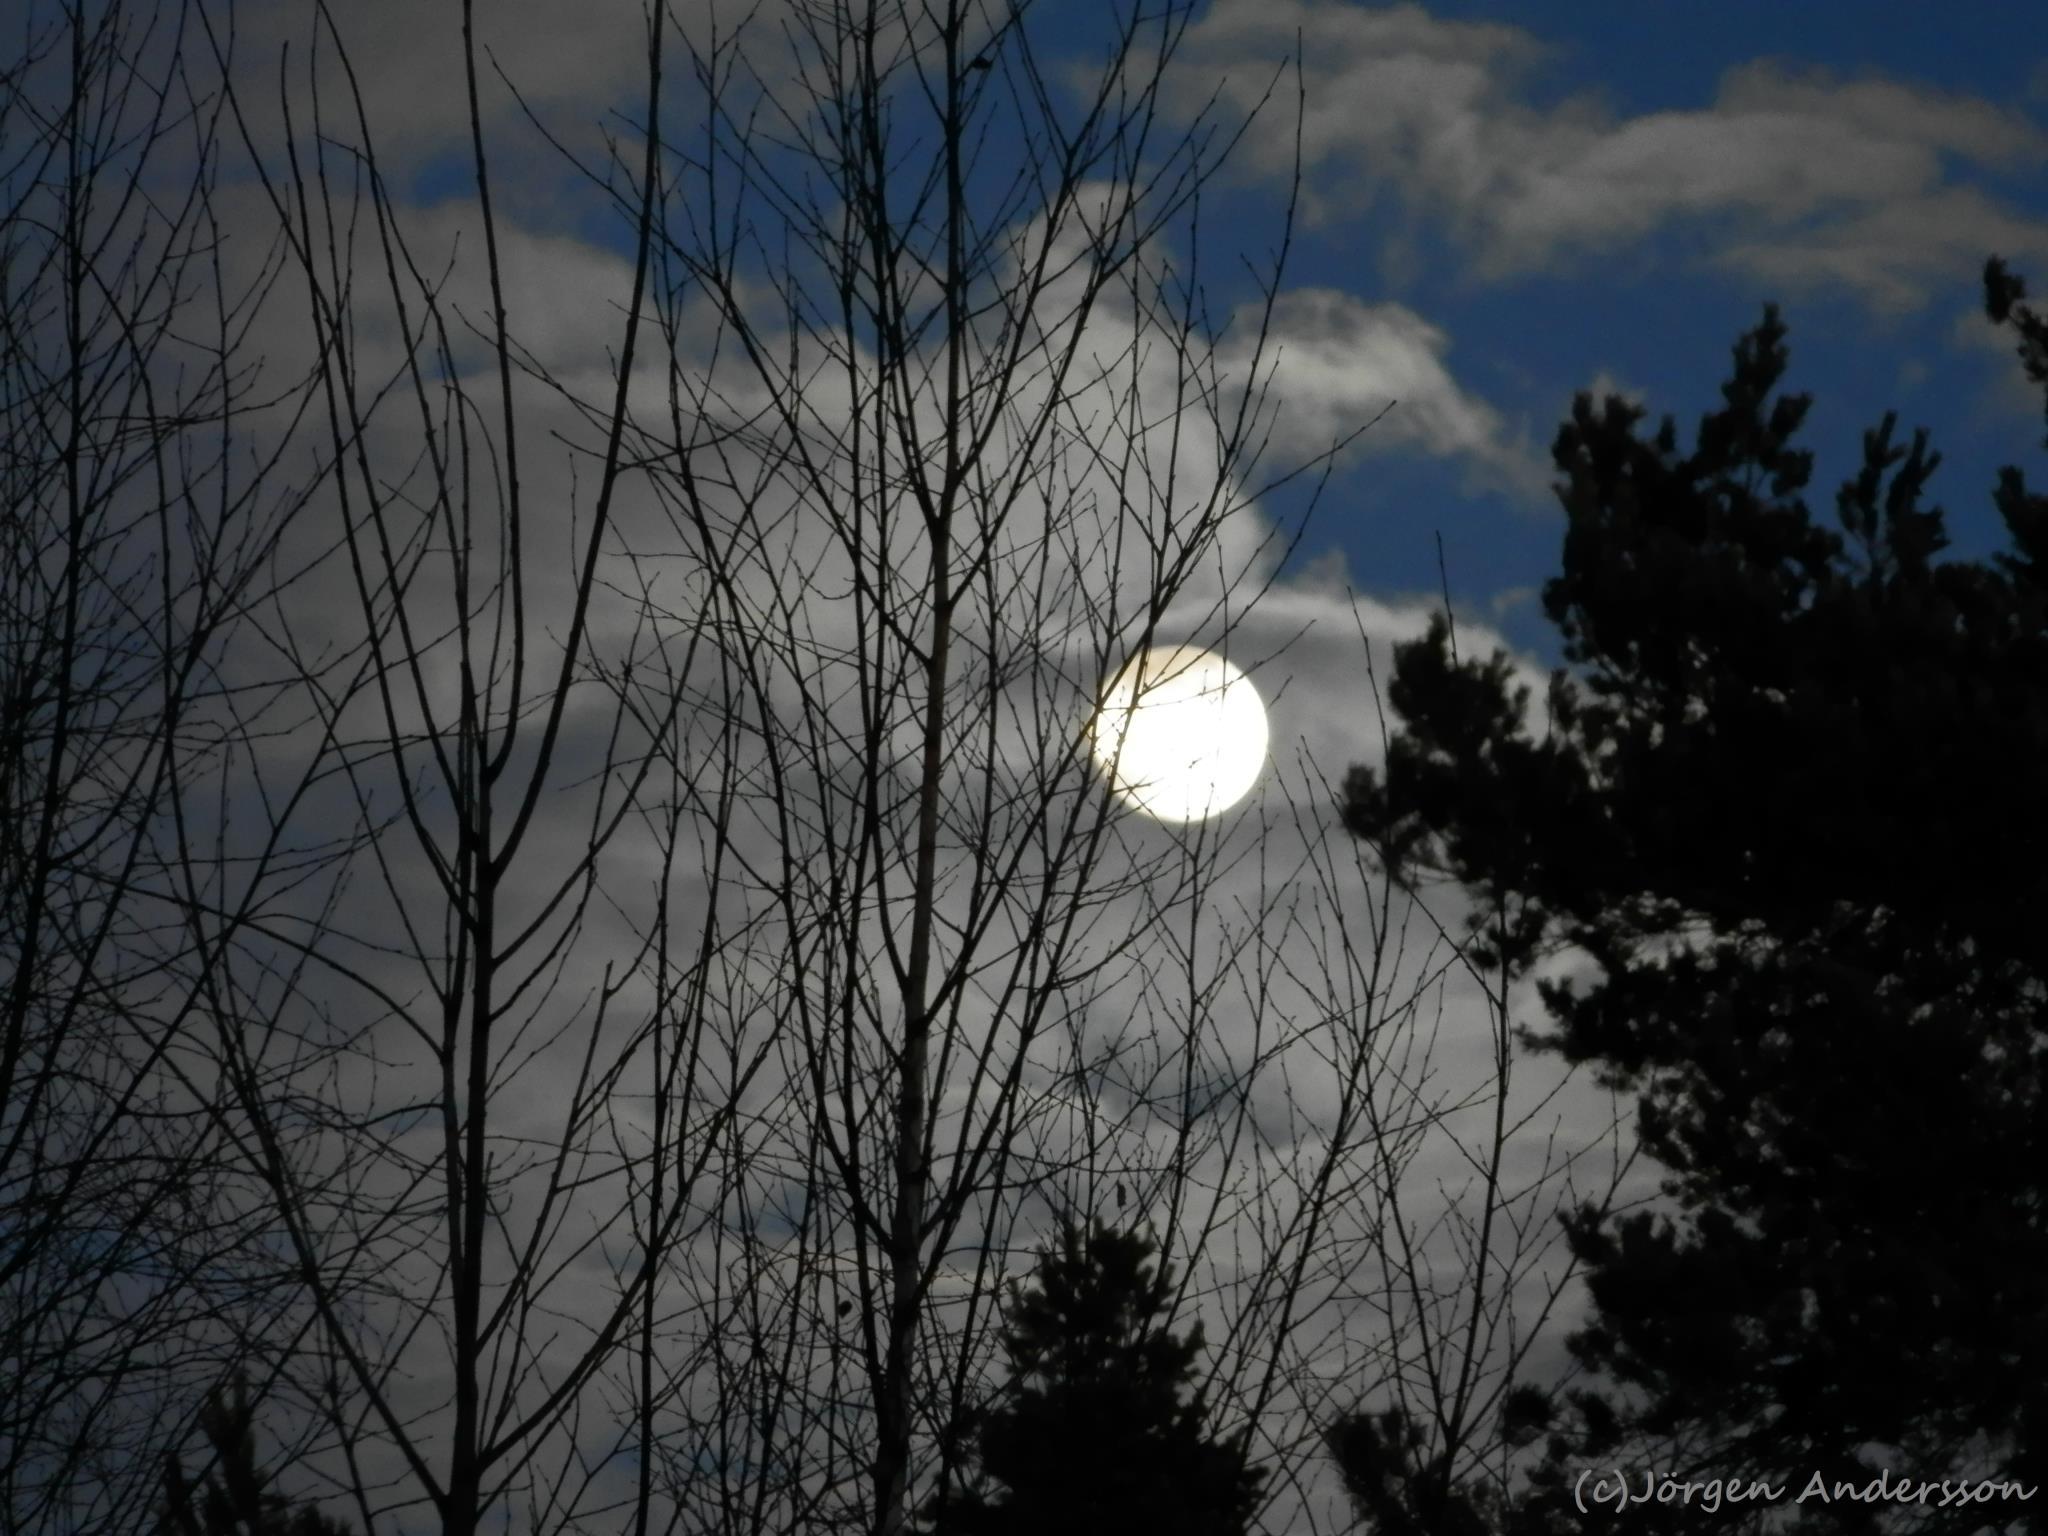 moon_full_2-24-2013_Jorgen_Norrland_Andersson_Sweden